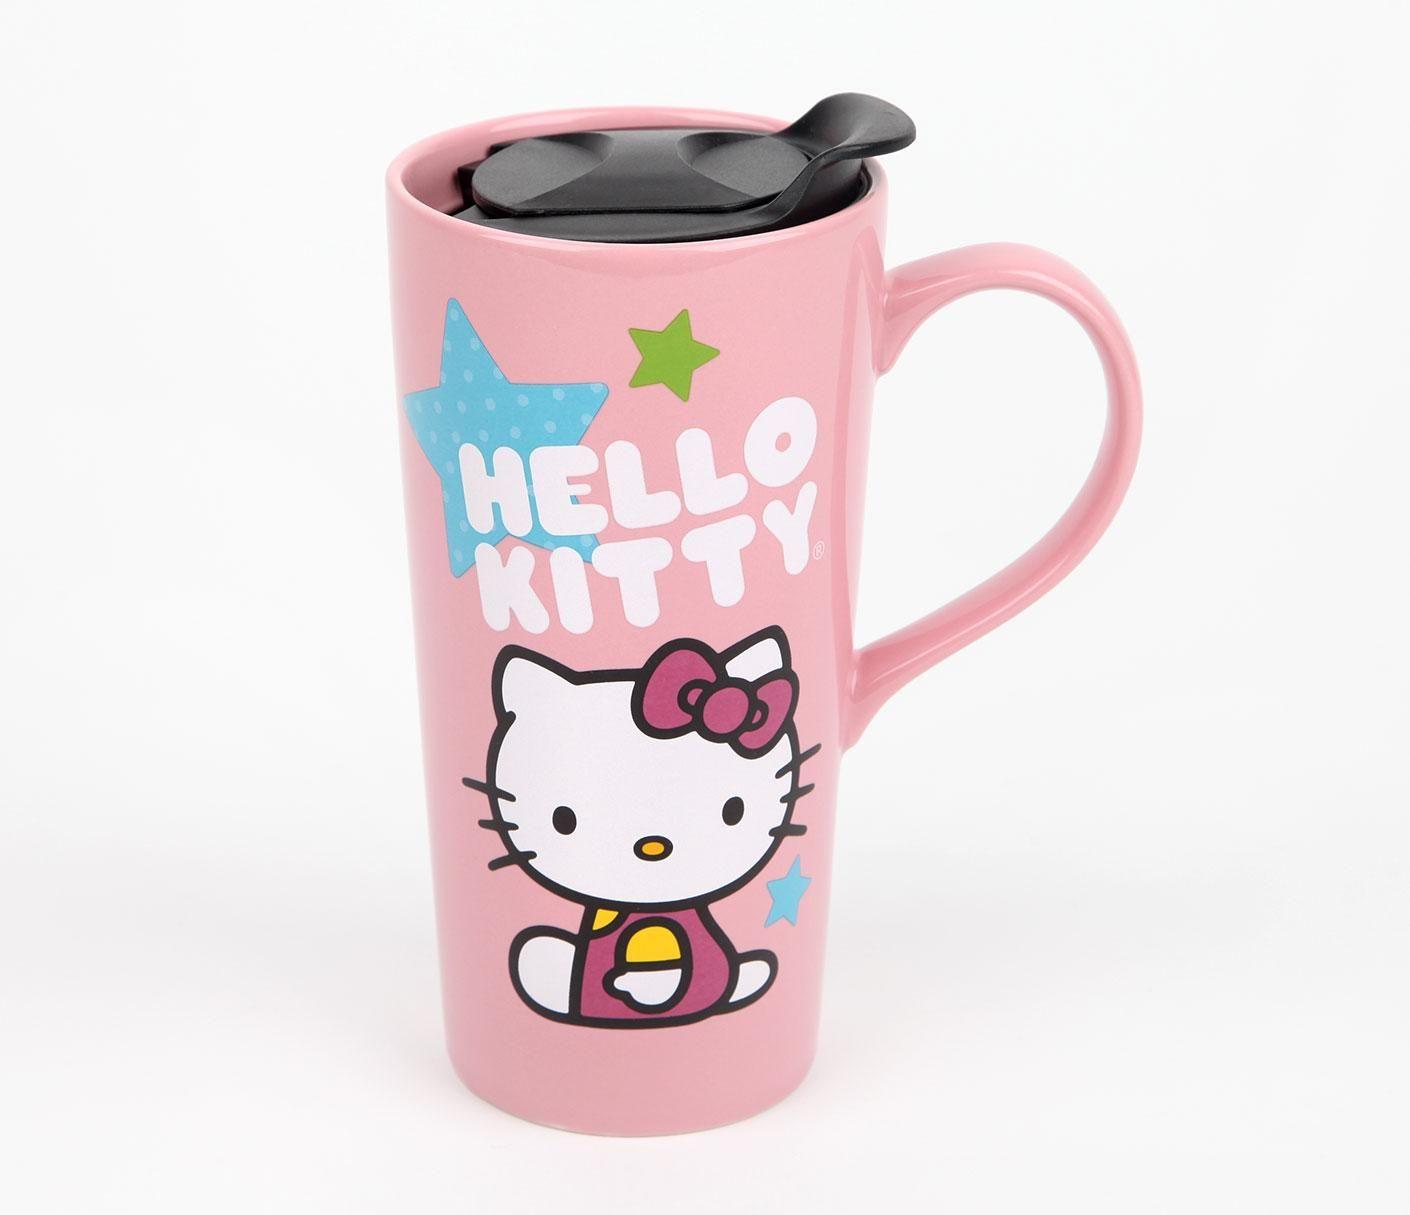 Hello Kitty 20oz Ceramic Travel Mug: Cosmic | Coffee & Tea Things ...